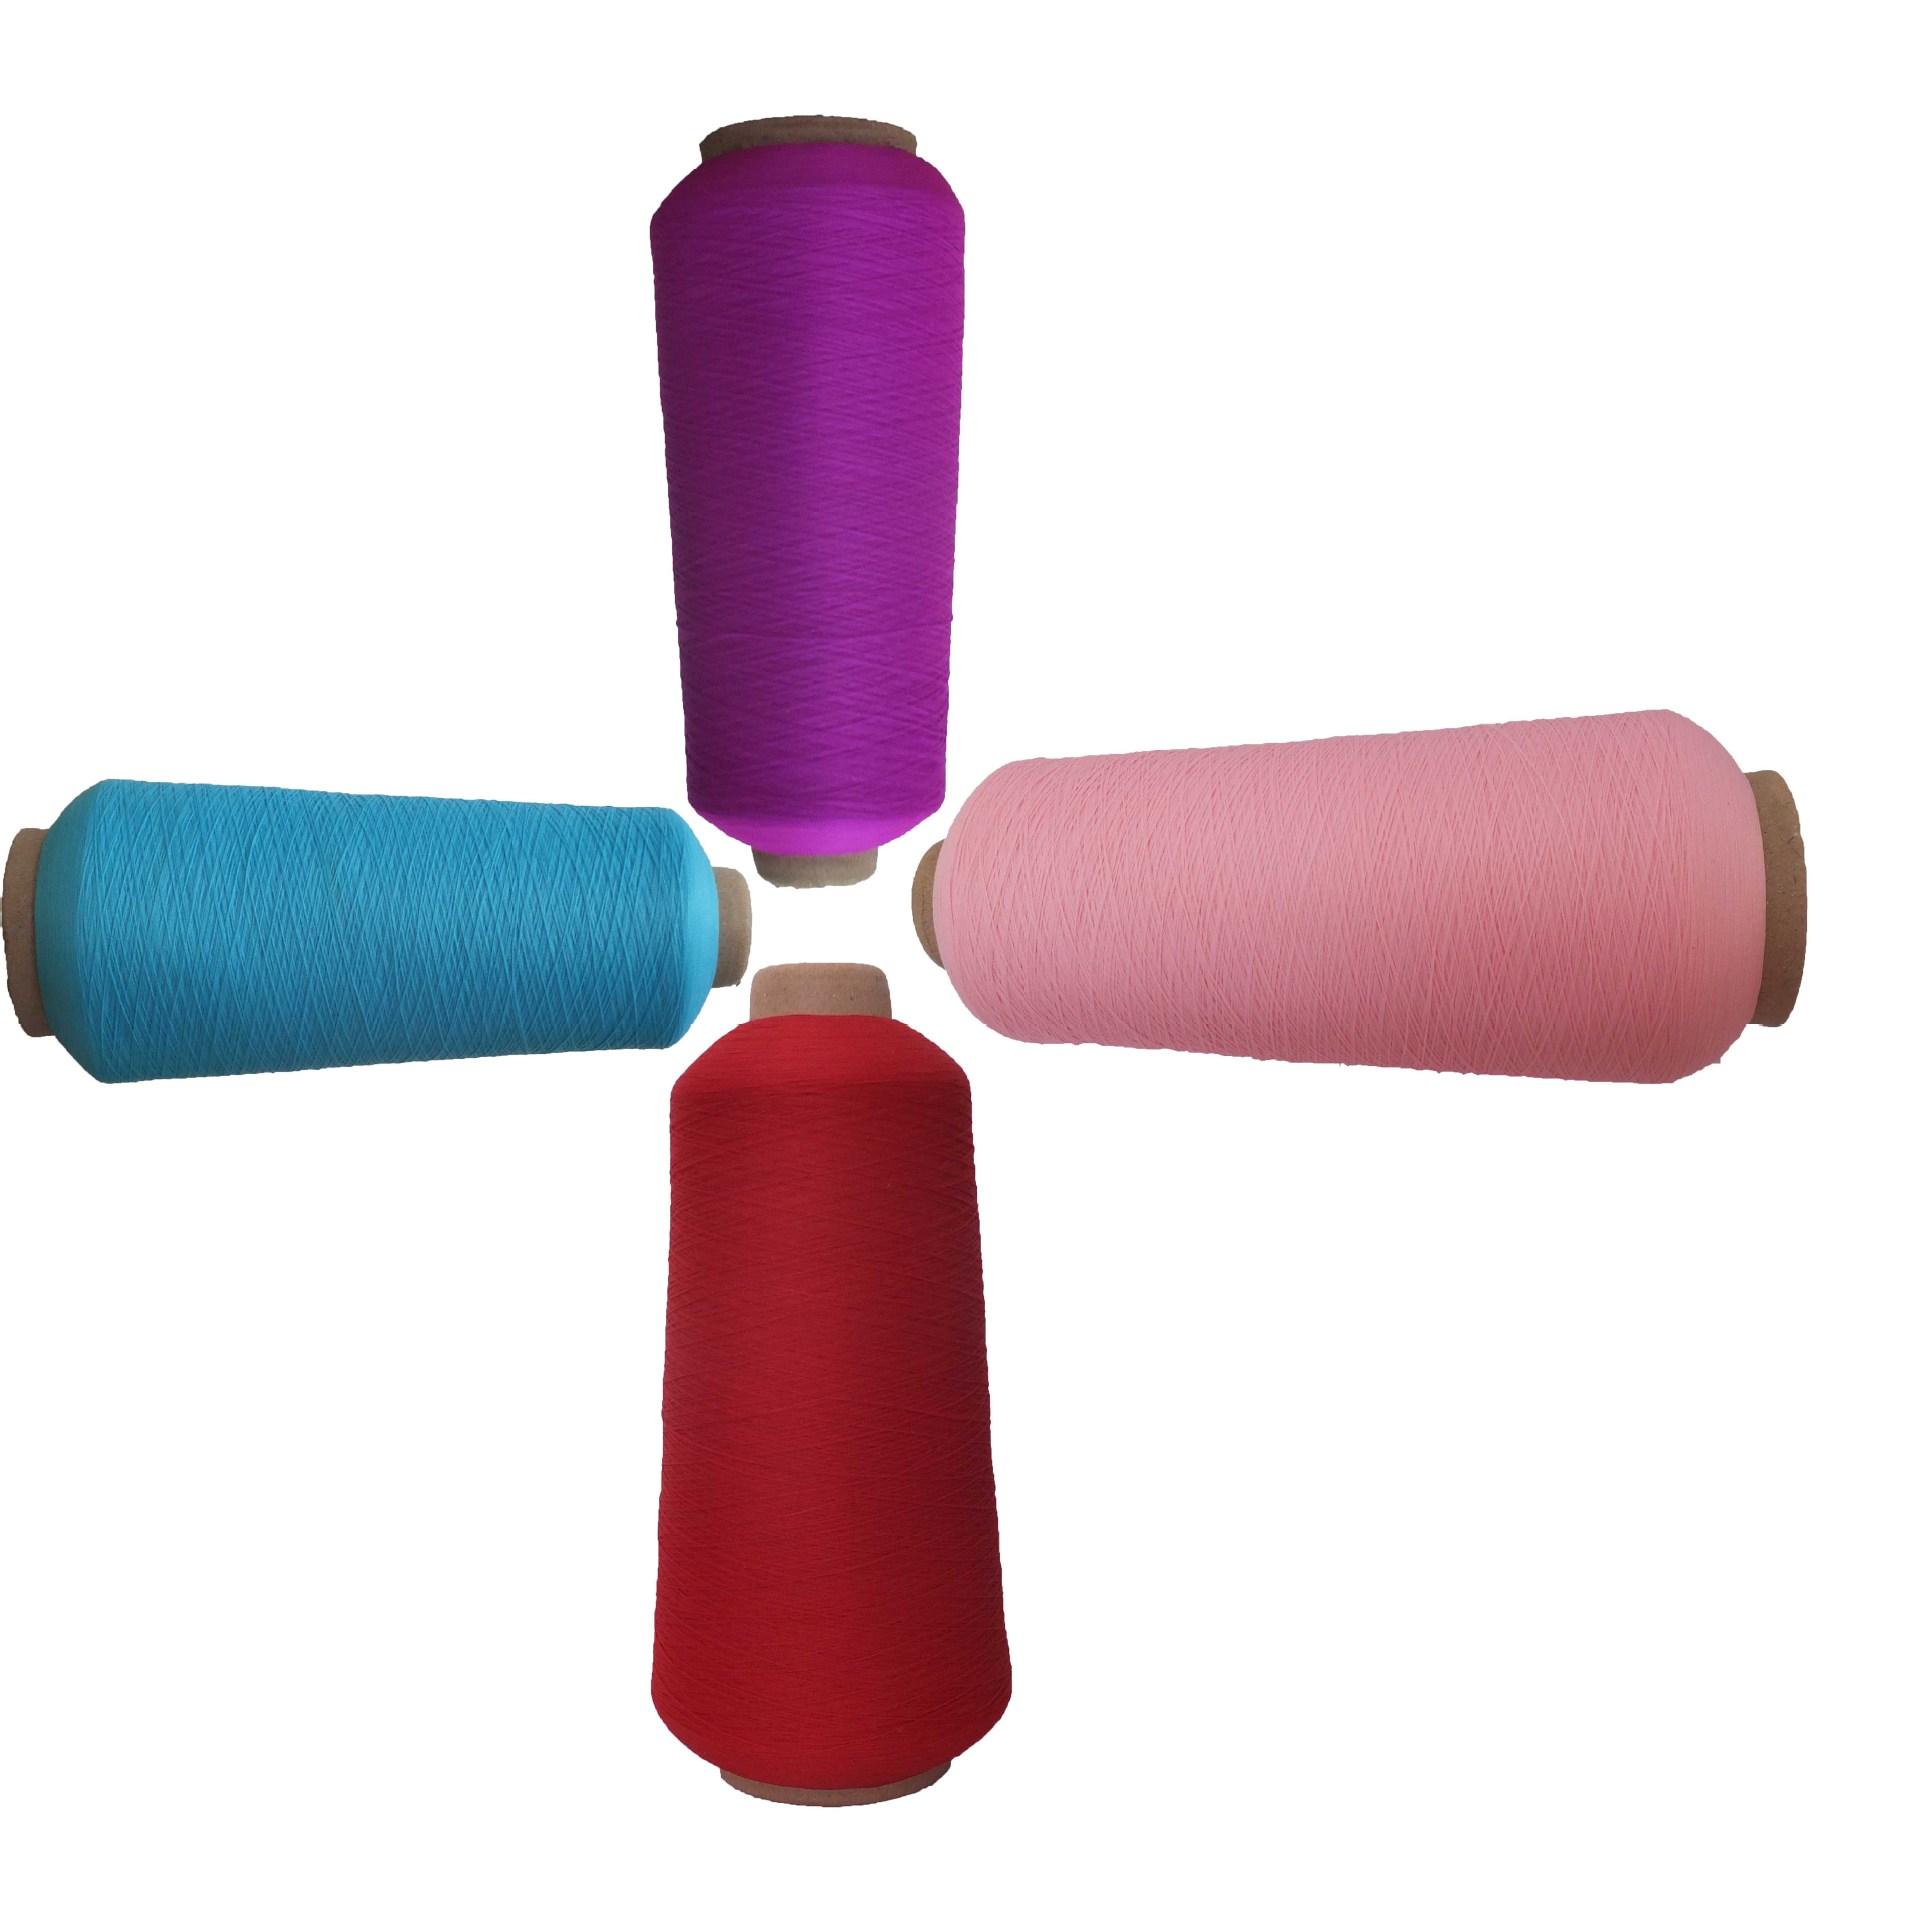 RUICHUNLAI Sợi dệt Sợi nylon cao đàn hồi Sợi nylon sợi đàn hồi cao 70D Nhà máy sợi nylon bán hàng tr